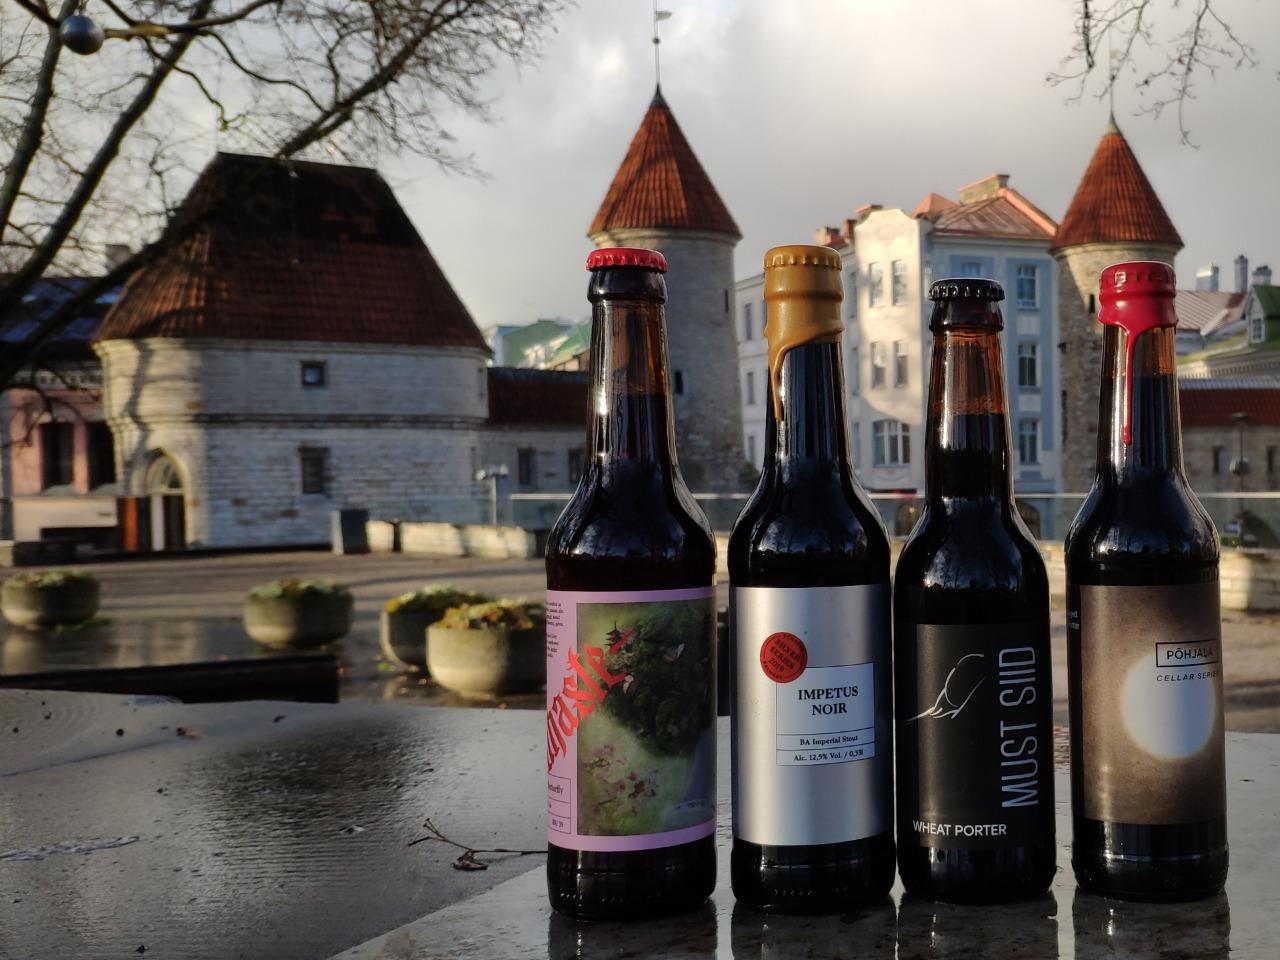 Дегустация крафтового пива в Таллинне - индивидуальная экскурсия в Таллине от опытного гида